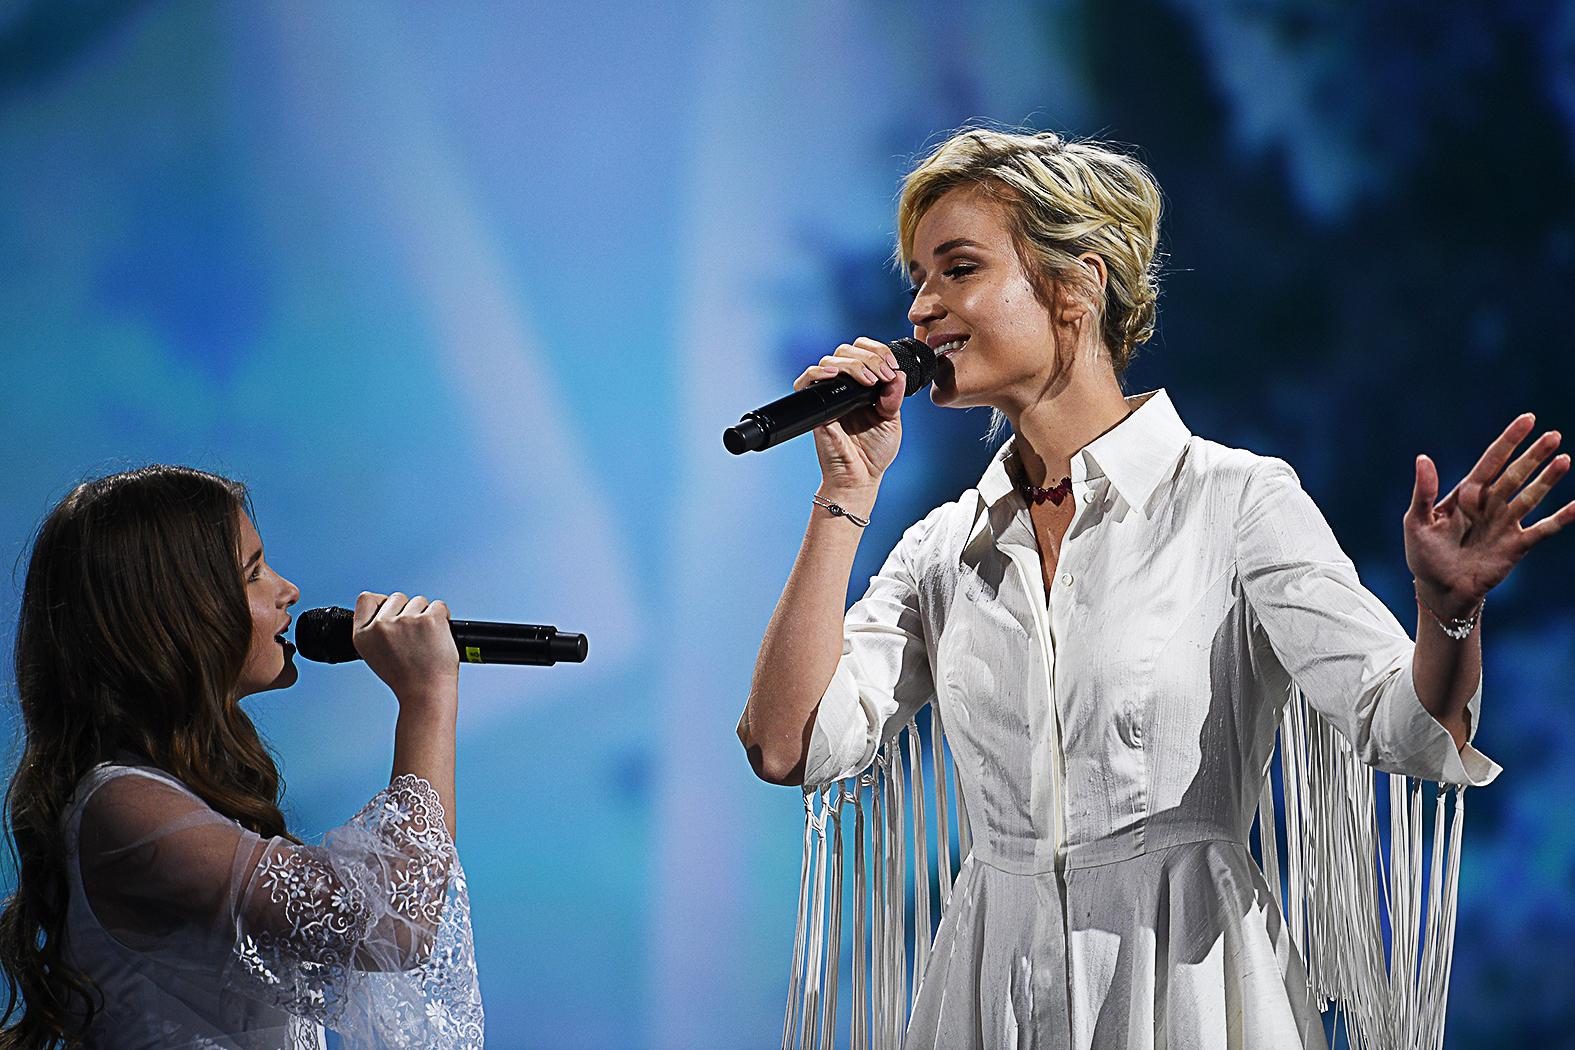 Polina Gagarina a 2015-ös Eurovíziós dalfesztiválon második helyezést ért el #moszkvater